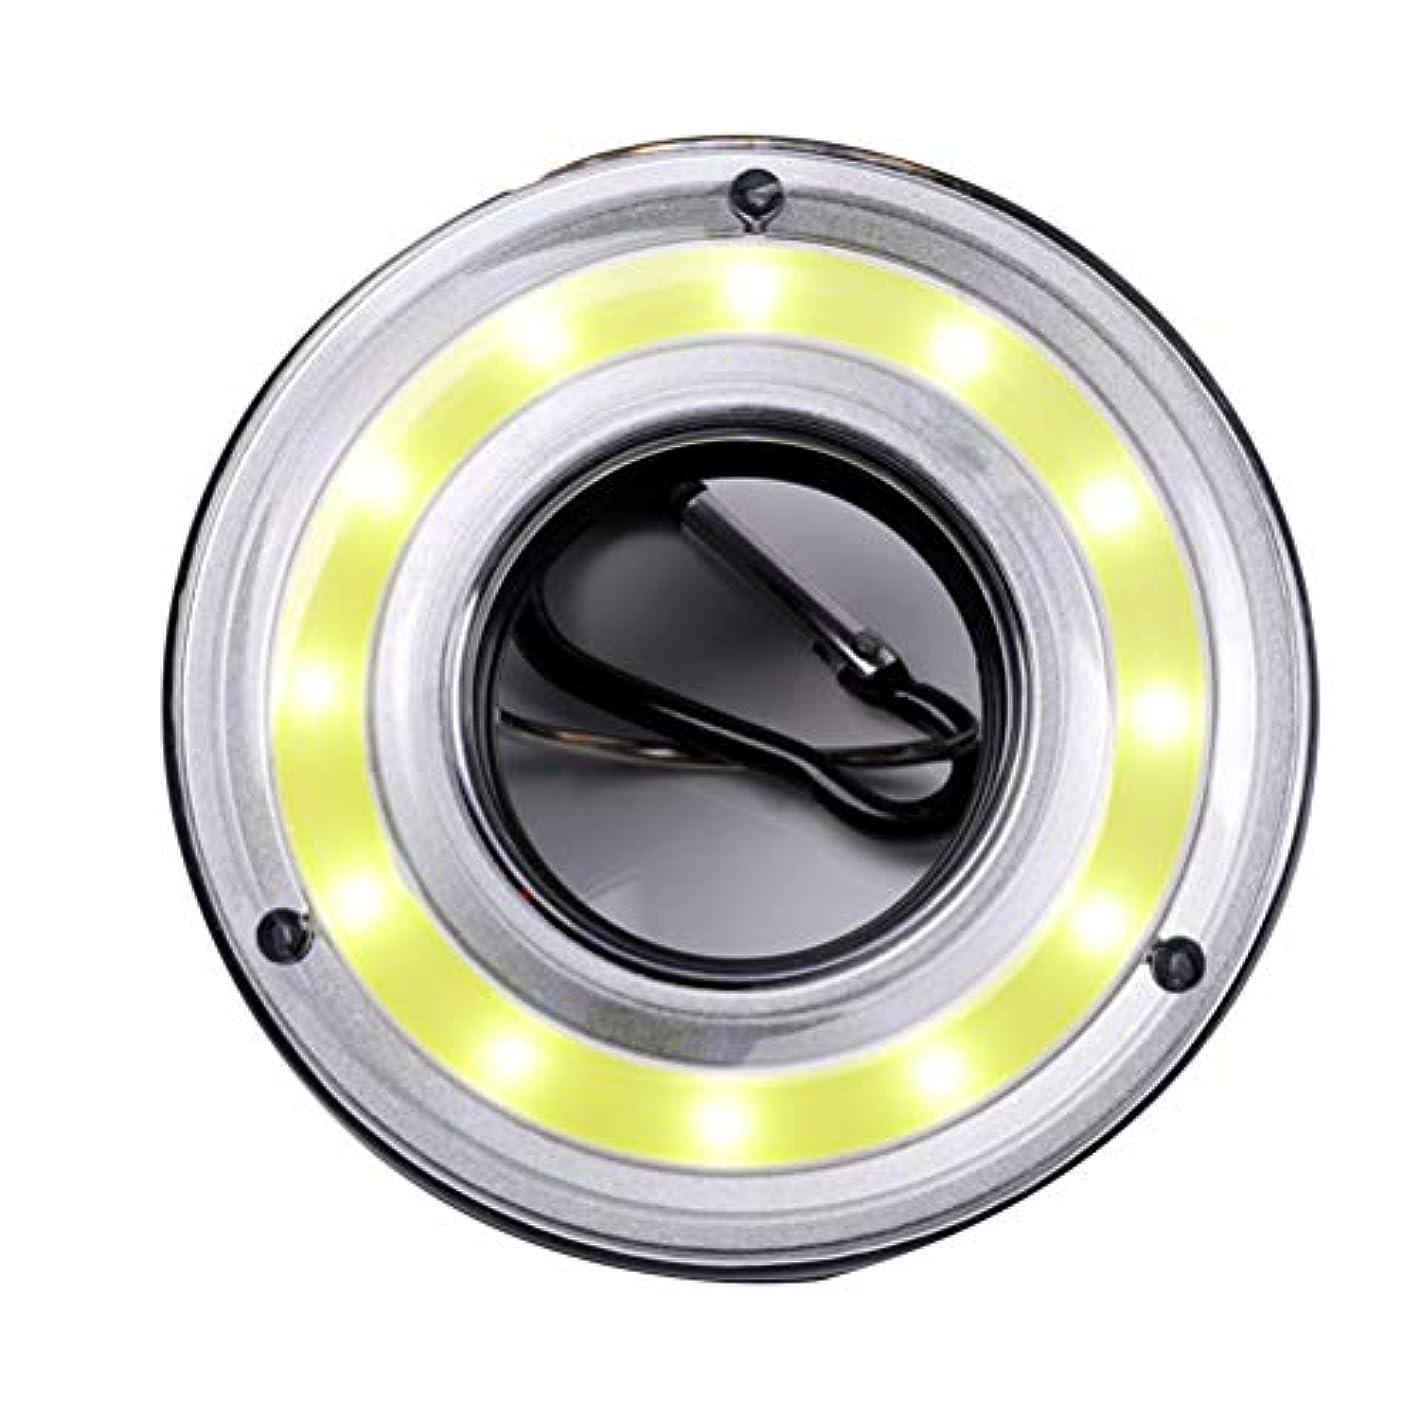 オッズ歩行者渦LIOOBO Ledポータブルテントランプミニ屋外釣り夜懐中電灯トーチランプ旅行カラビナフックライトバッテリーなし